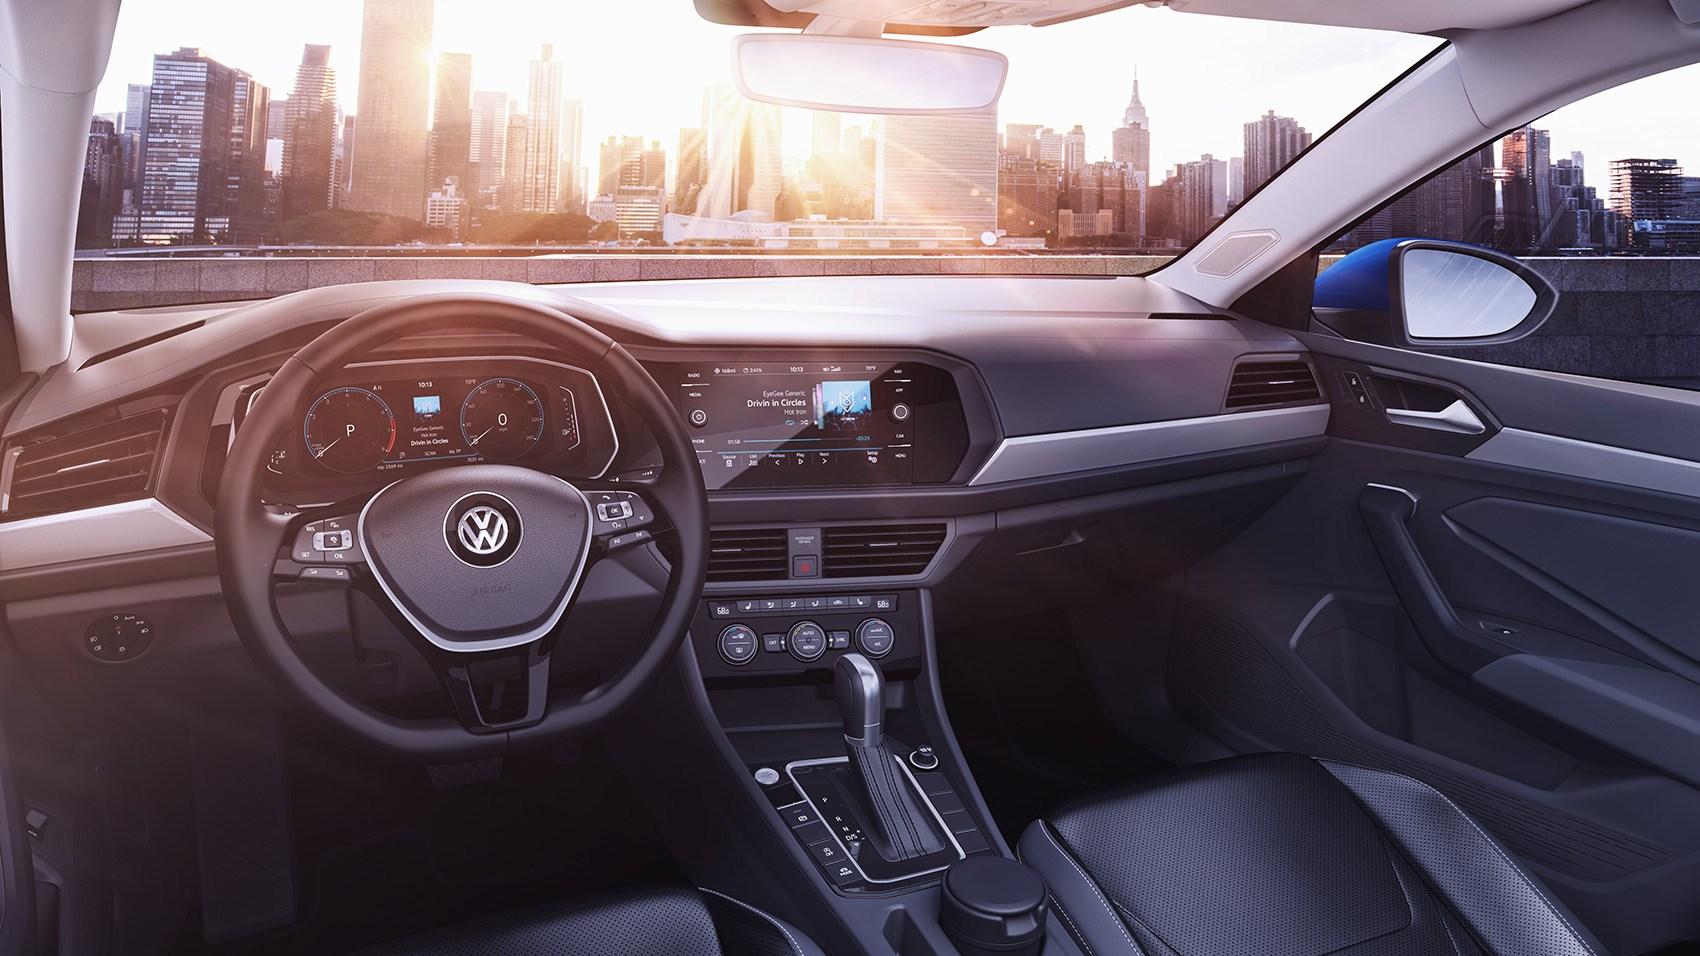 Too Very Volkswagen Spec Inside Interior Of New 2018 Jetta